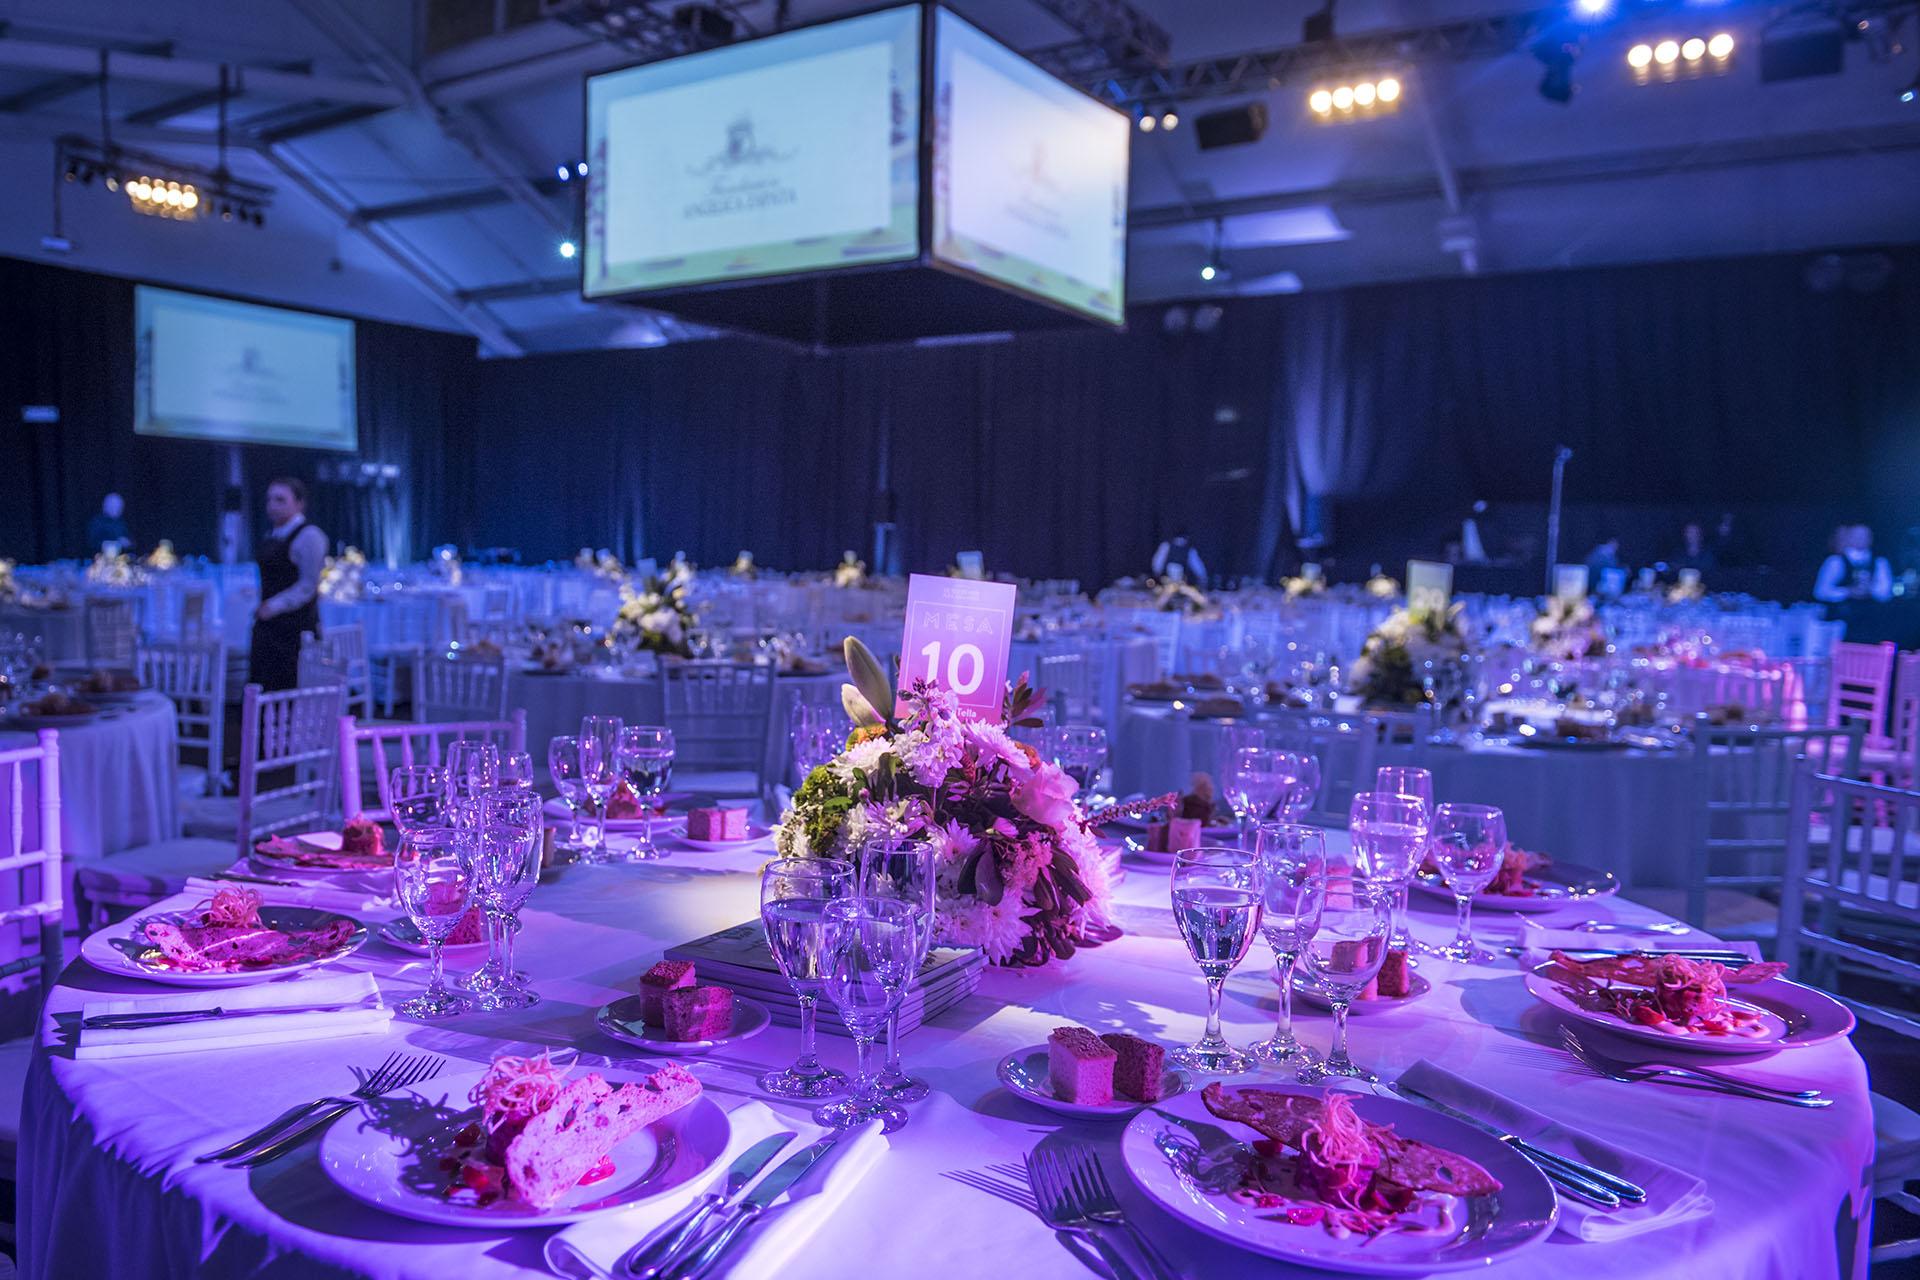 El salón decorado para más de 750 personas. Sillas Tiffany, centros de mesa primaverales, mantelería y vajilla en blanco acompañaron durante toda la cena